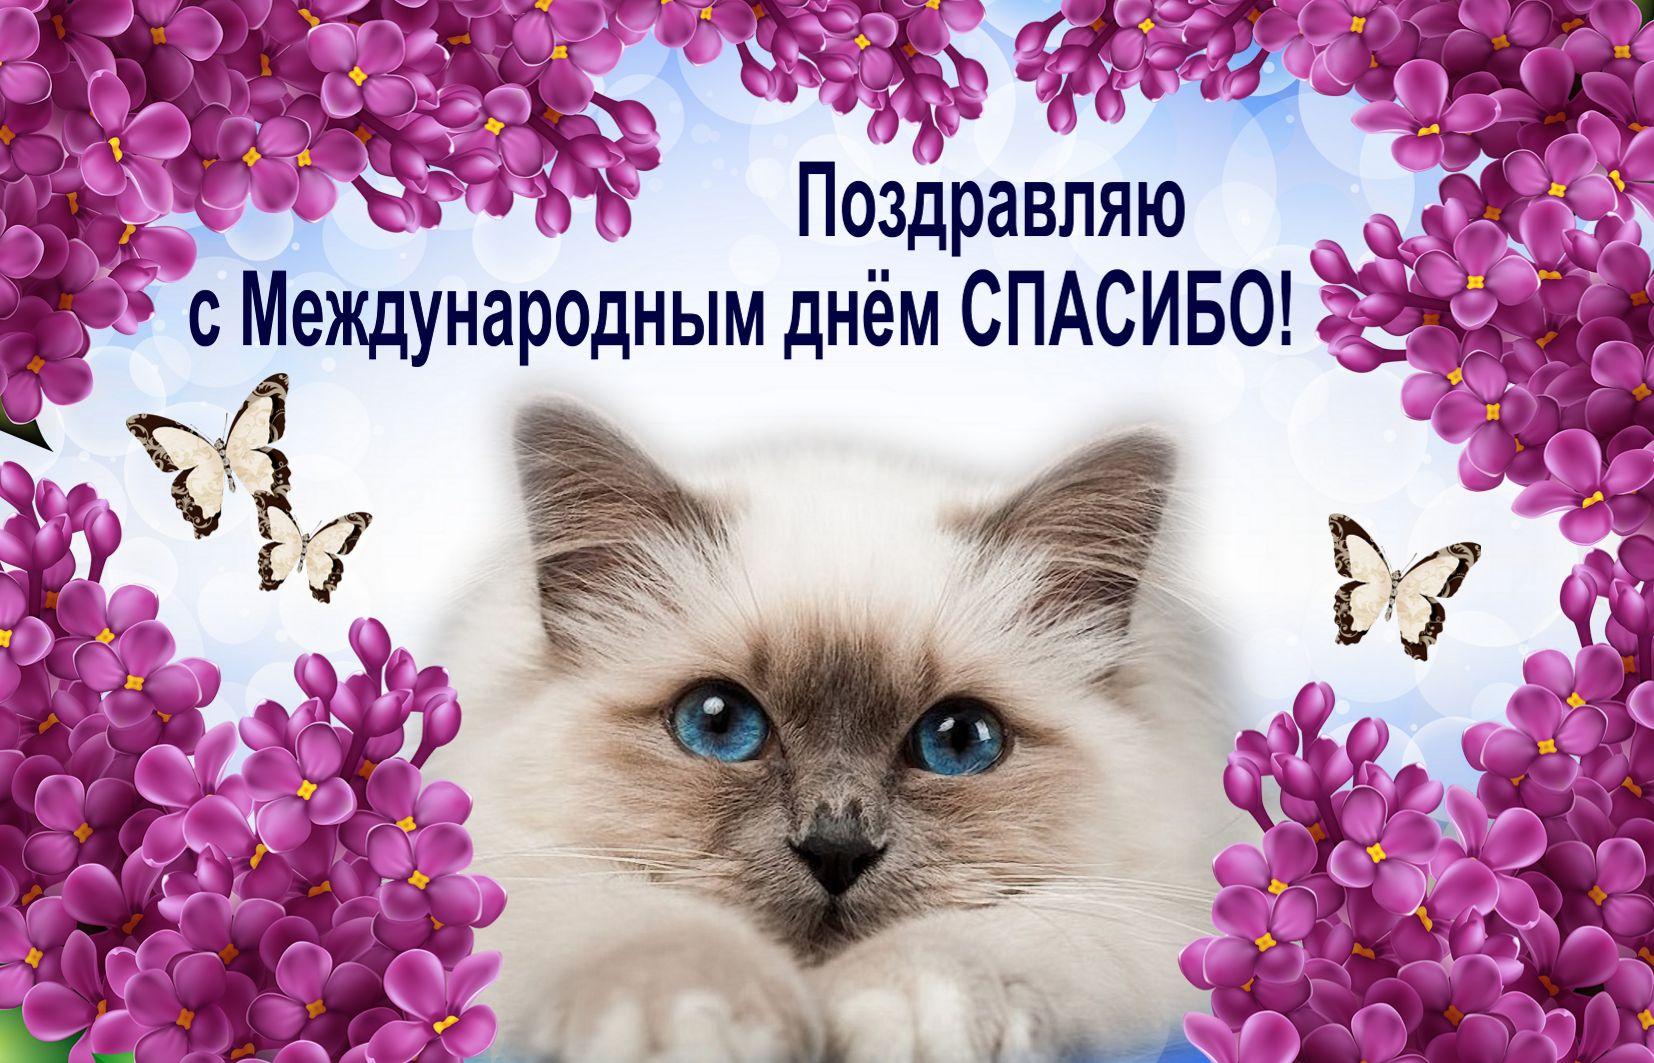 Открытка на День спасибо - котик в рамке из сиреневых цветов